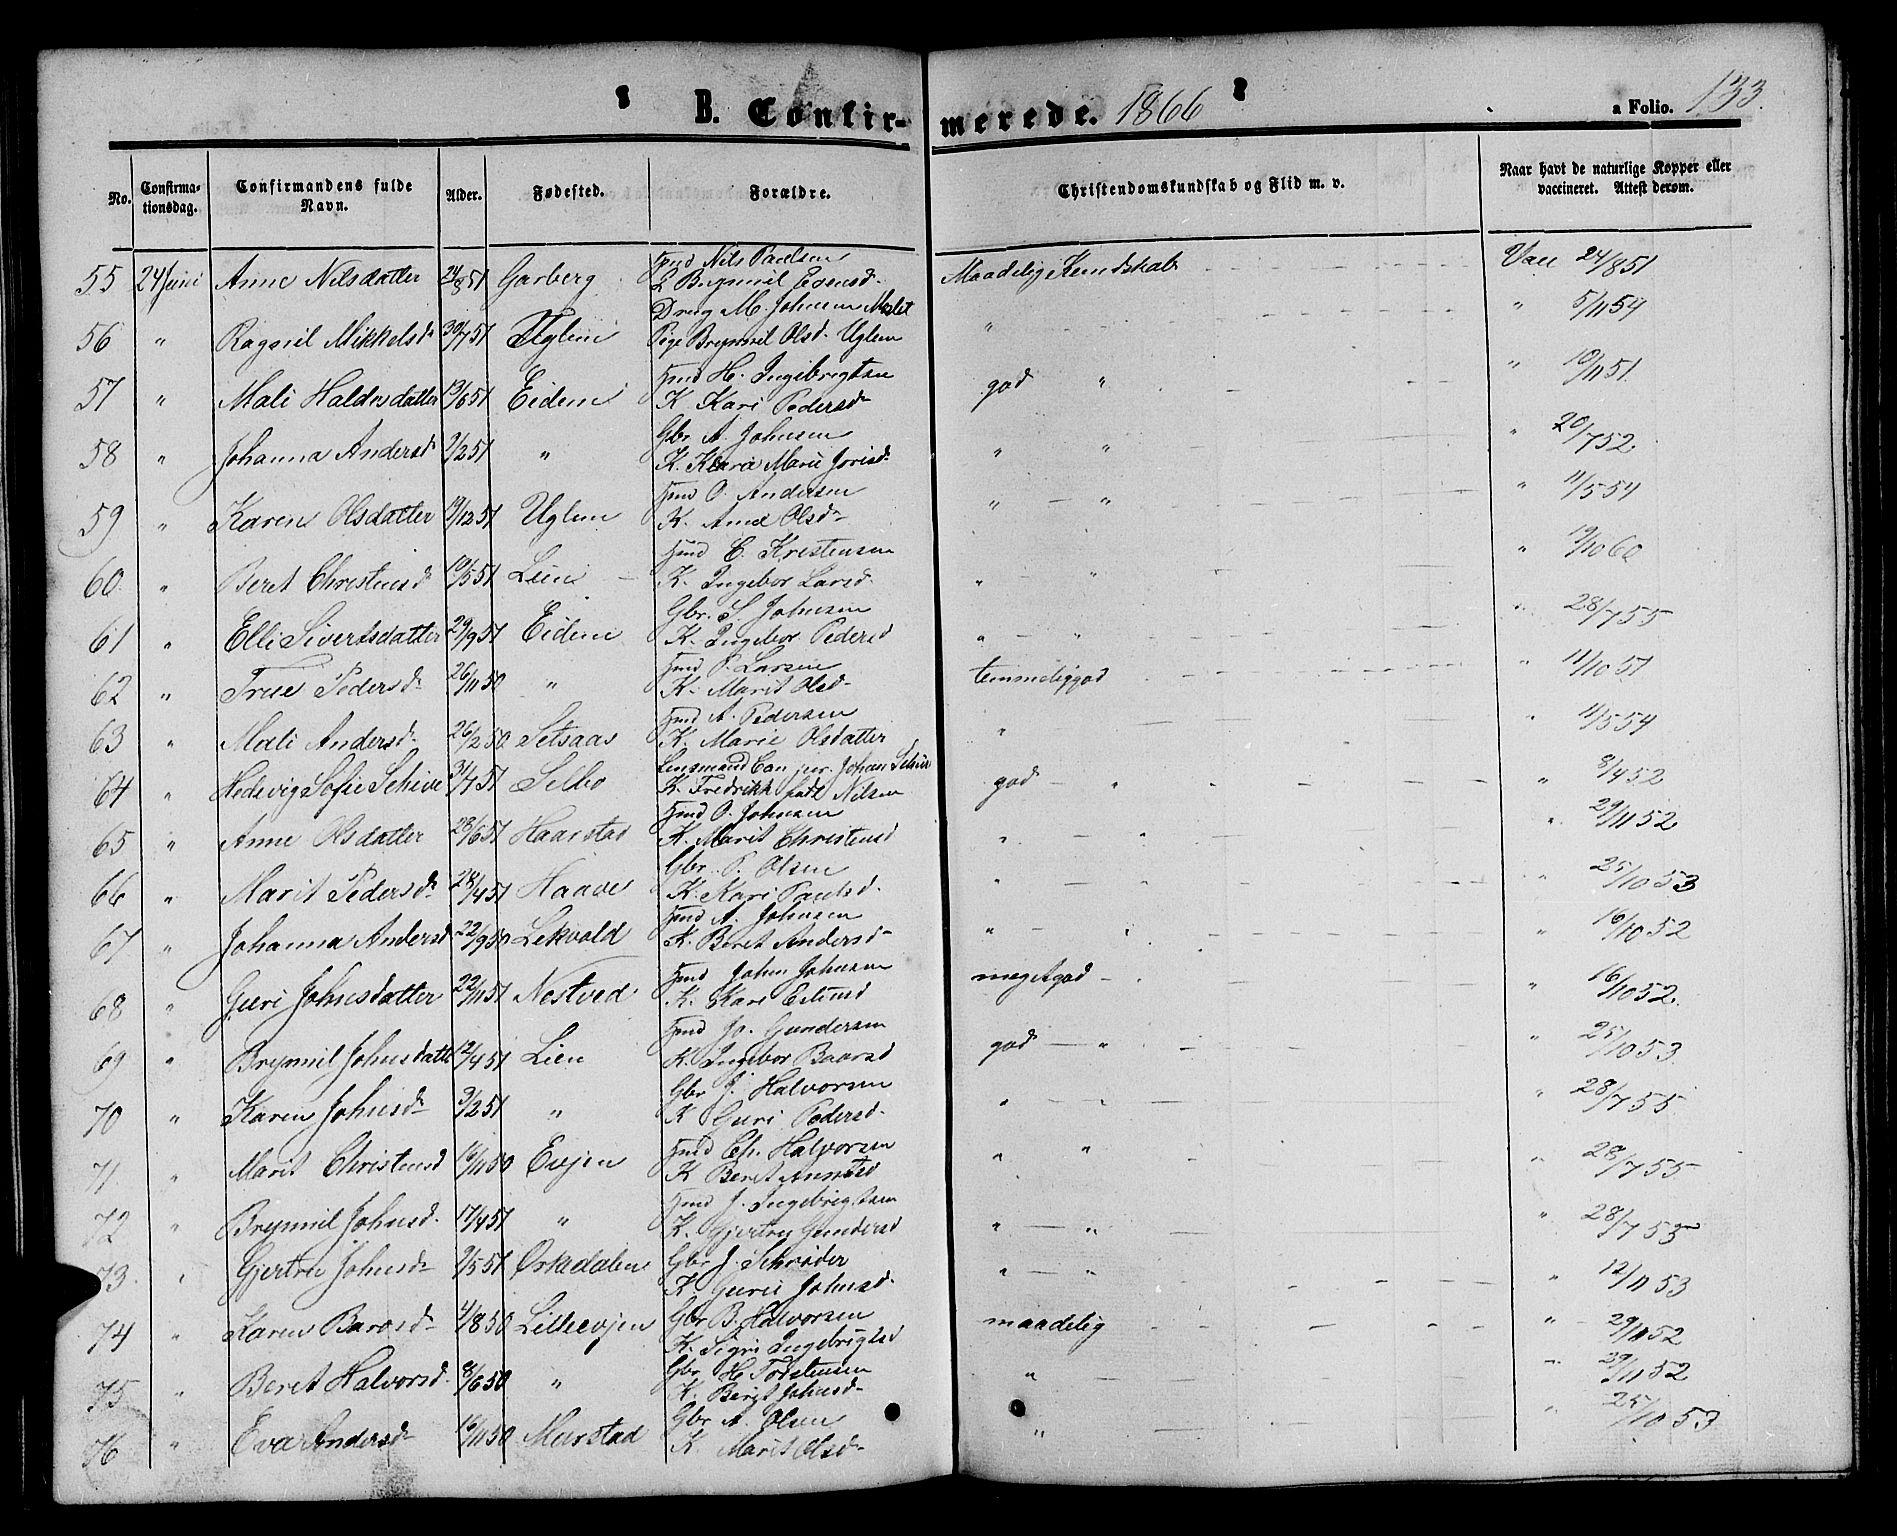 SAT, Ministerialprotokoller, klokkerbøker og fødselsregistre - Sør-Trøndelag, 695/L1155: Klokkerbok nr. 695C06, 1859-1868, s. 133